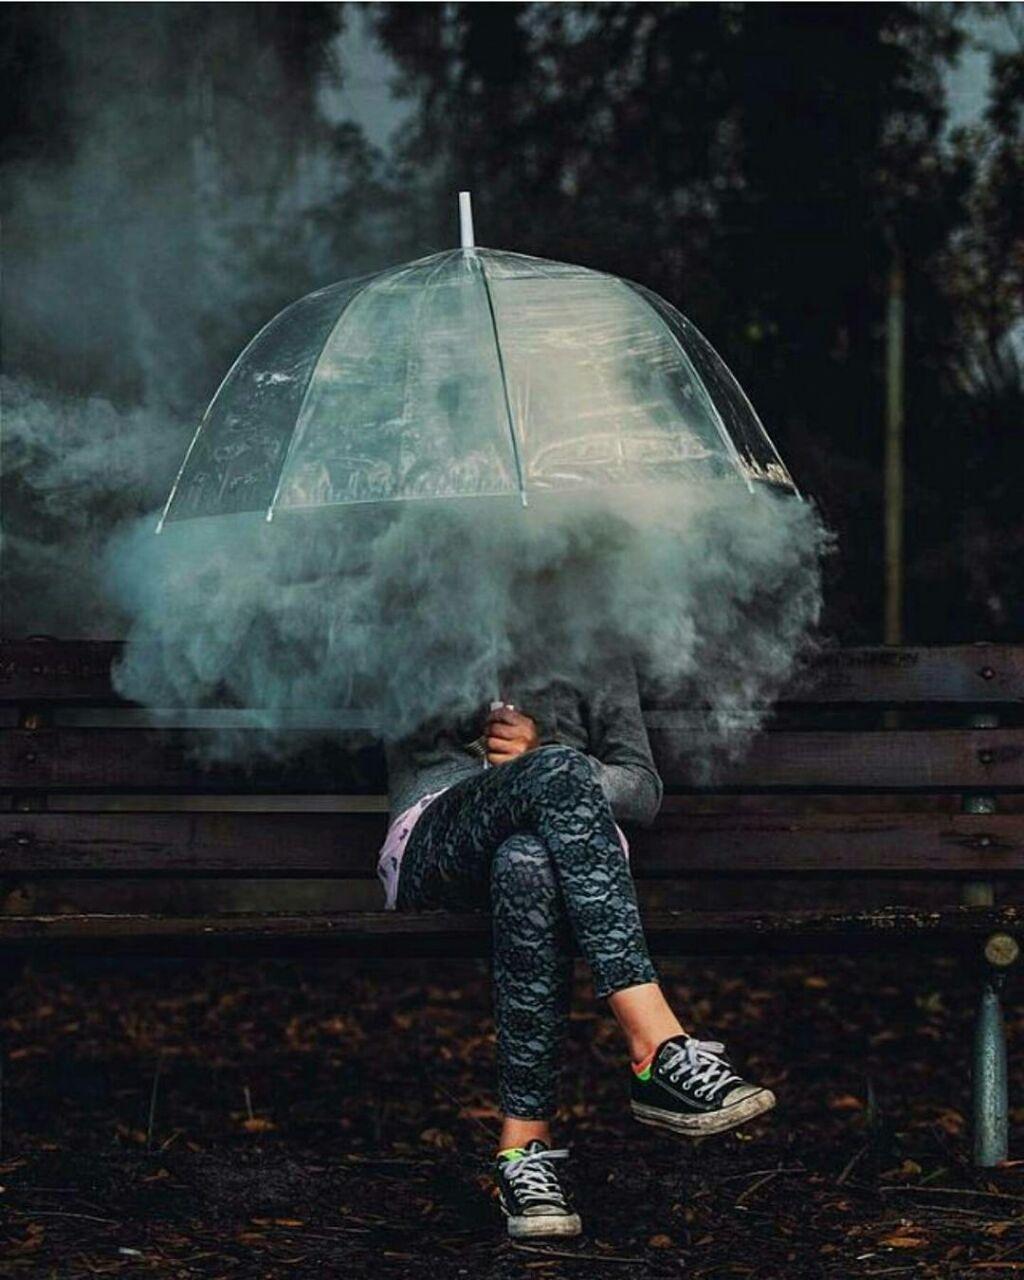 سیگار و تنهایی